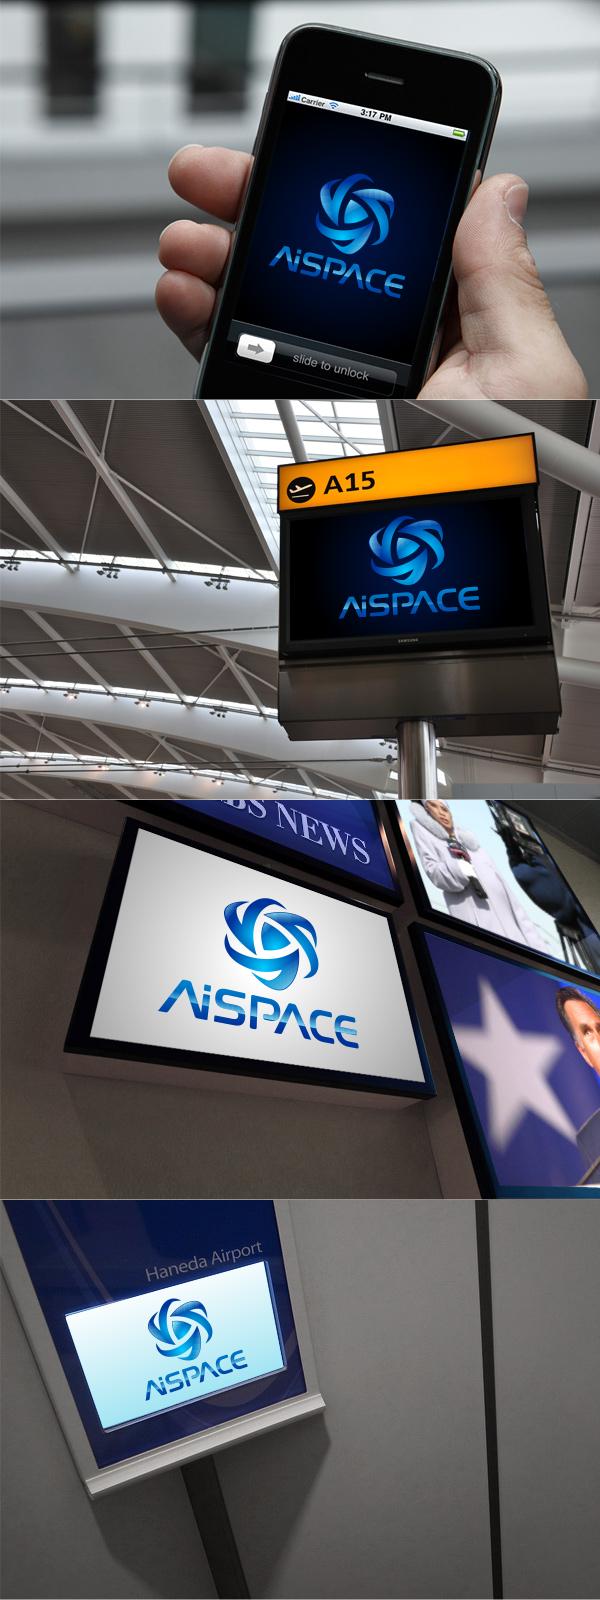 Разработать логотип и фирменный стиль для компании AiSpace фото f_28851b2d8adb0851.png